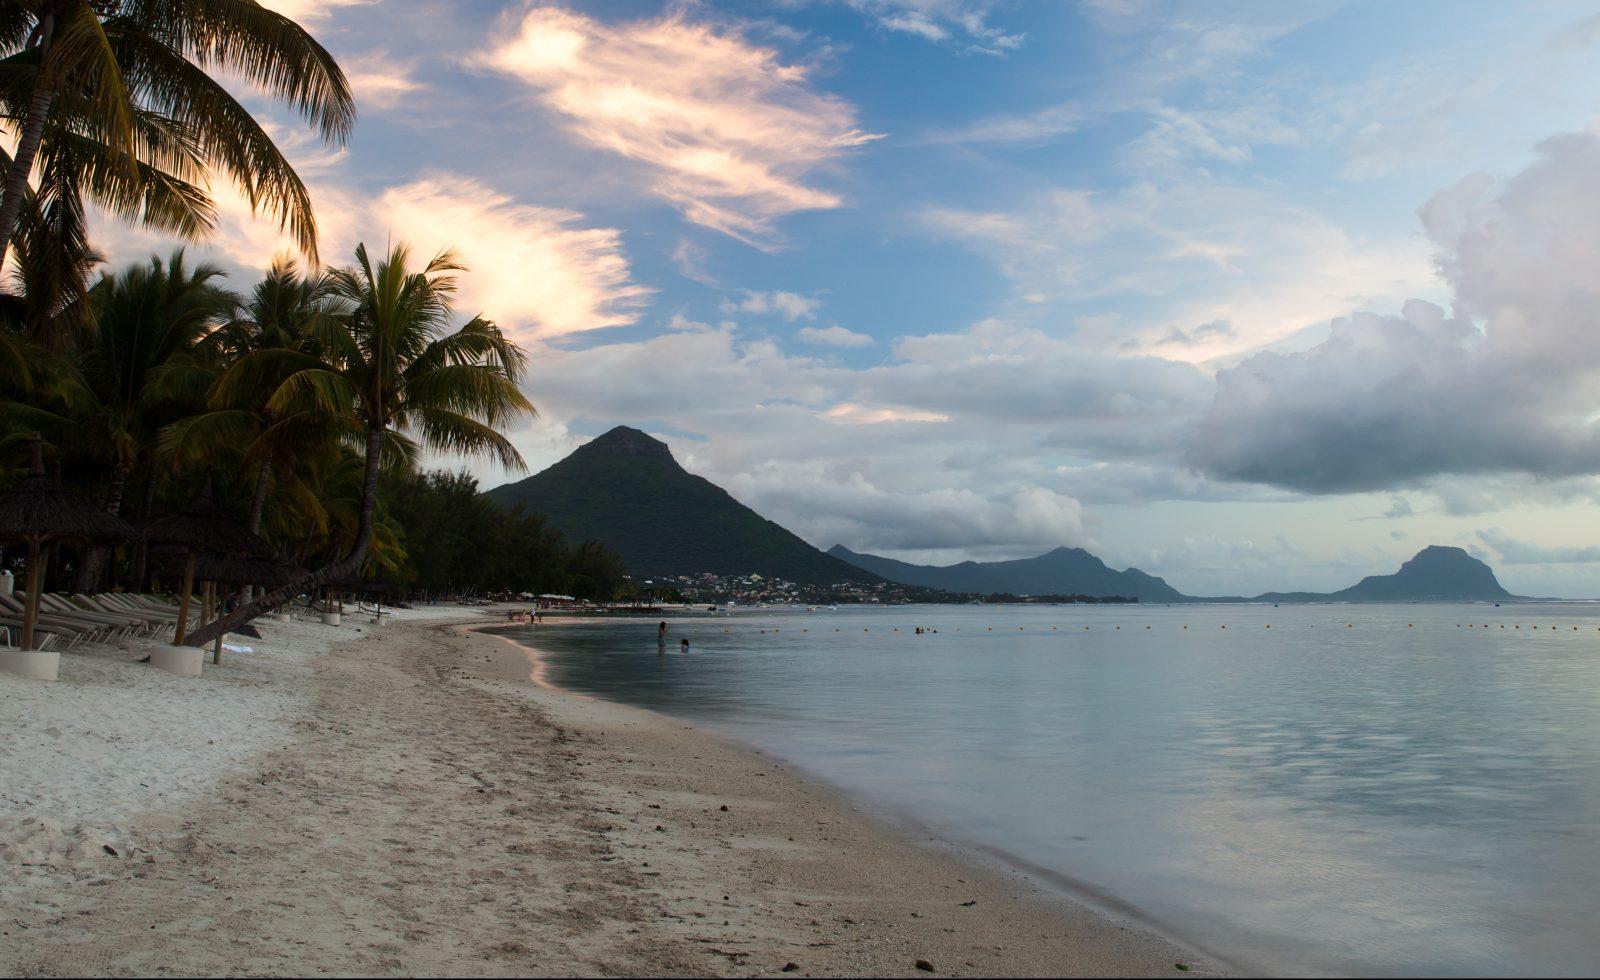 Solnedgång på Flic-en-flac-stranden